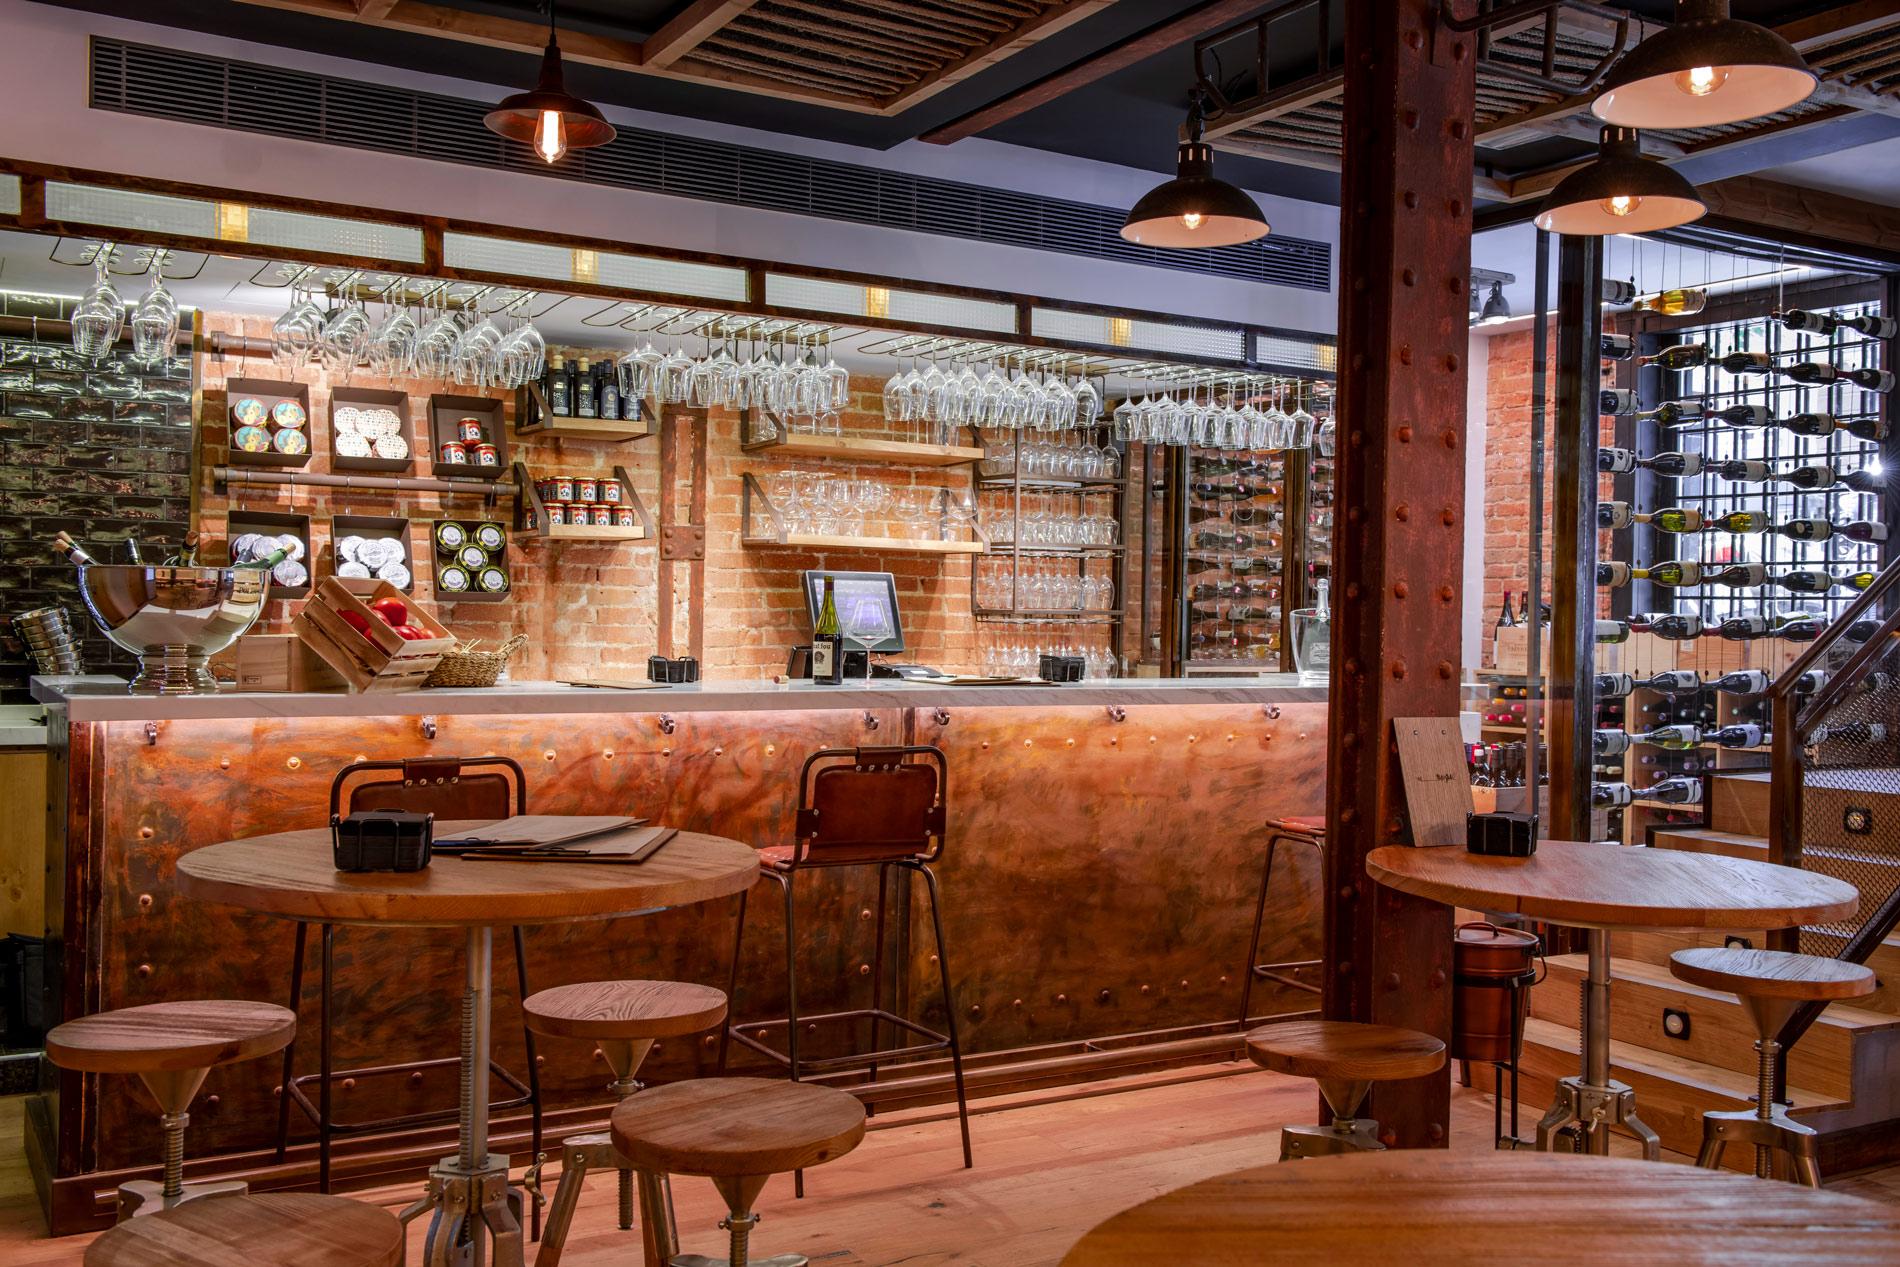 20 bares y restaurantes (baratos) para catar durante el desconfinamiento